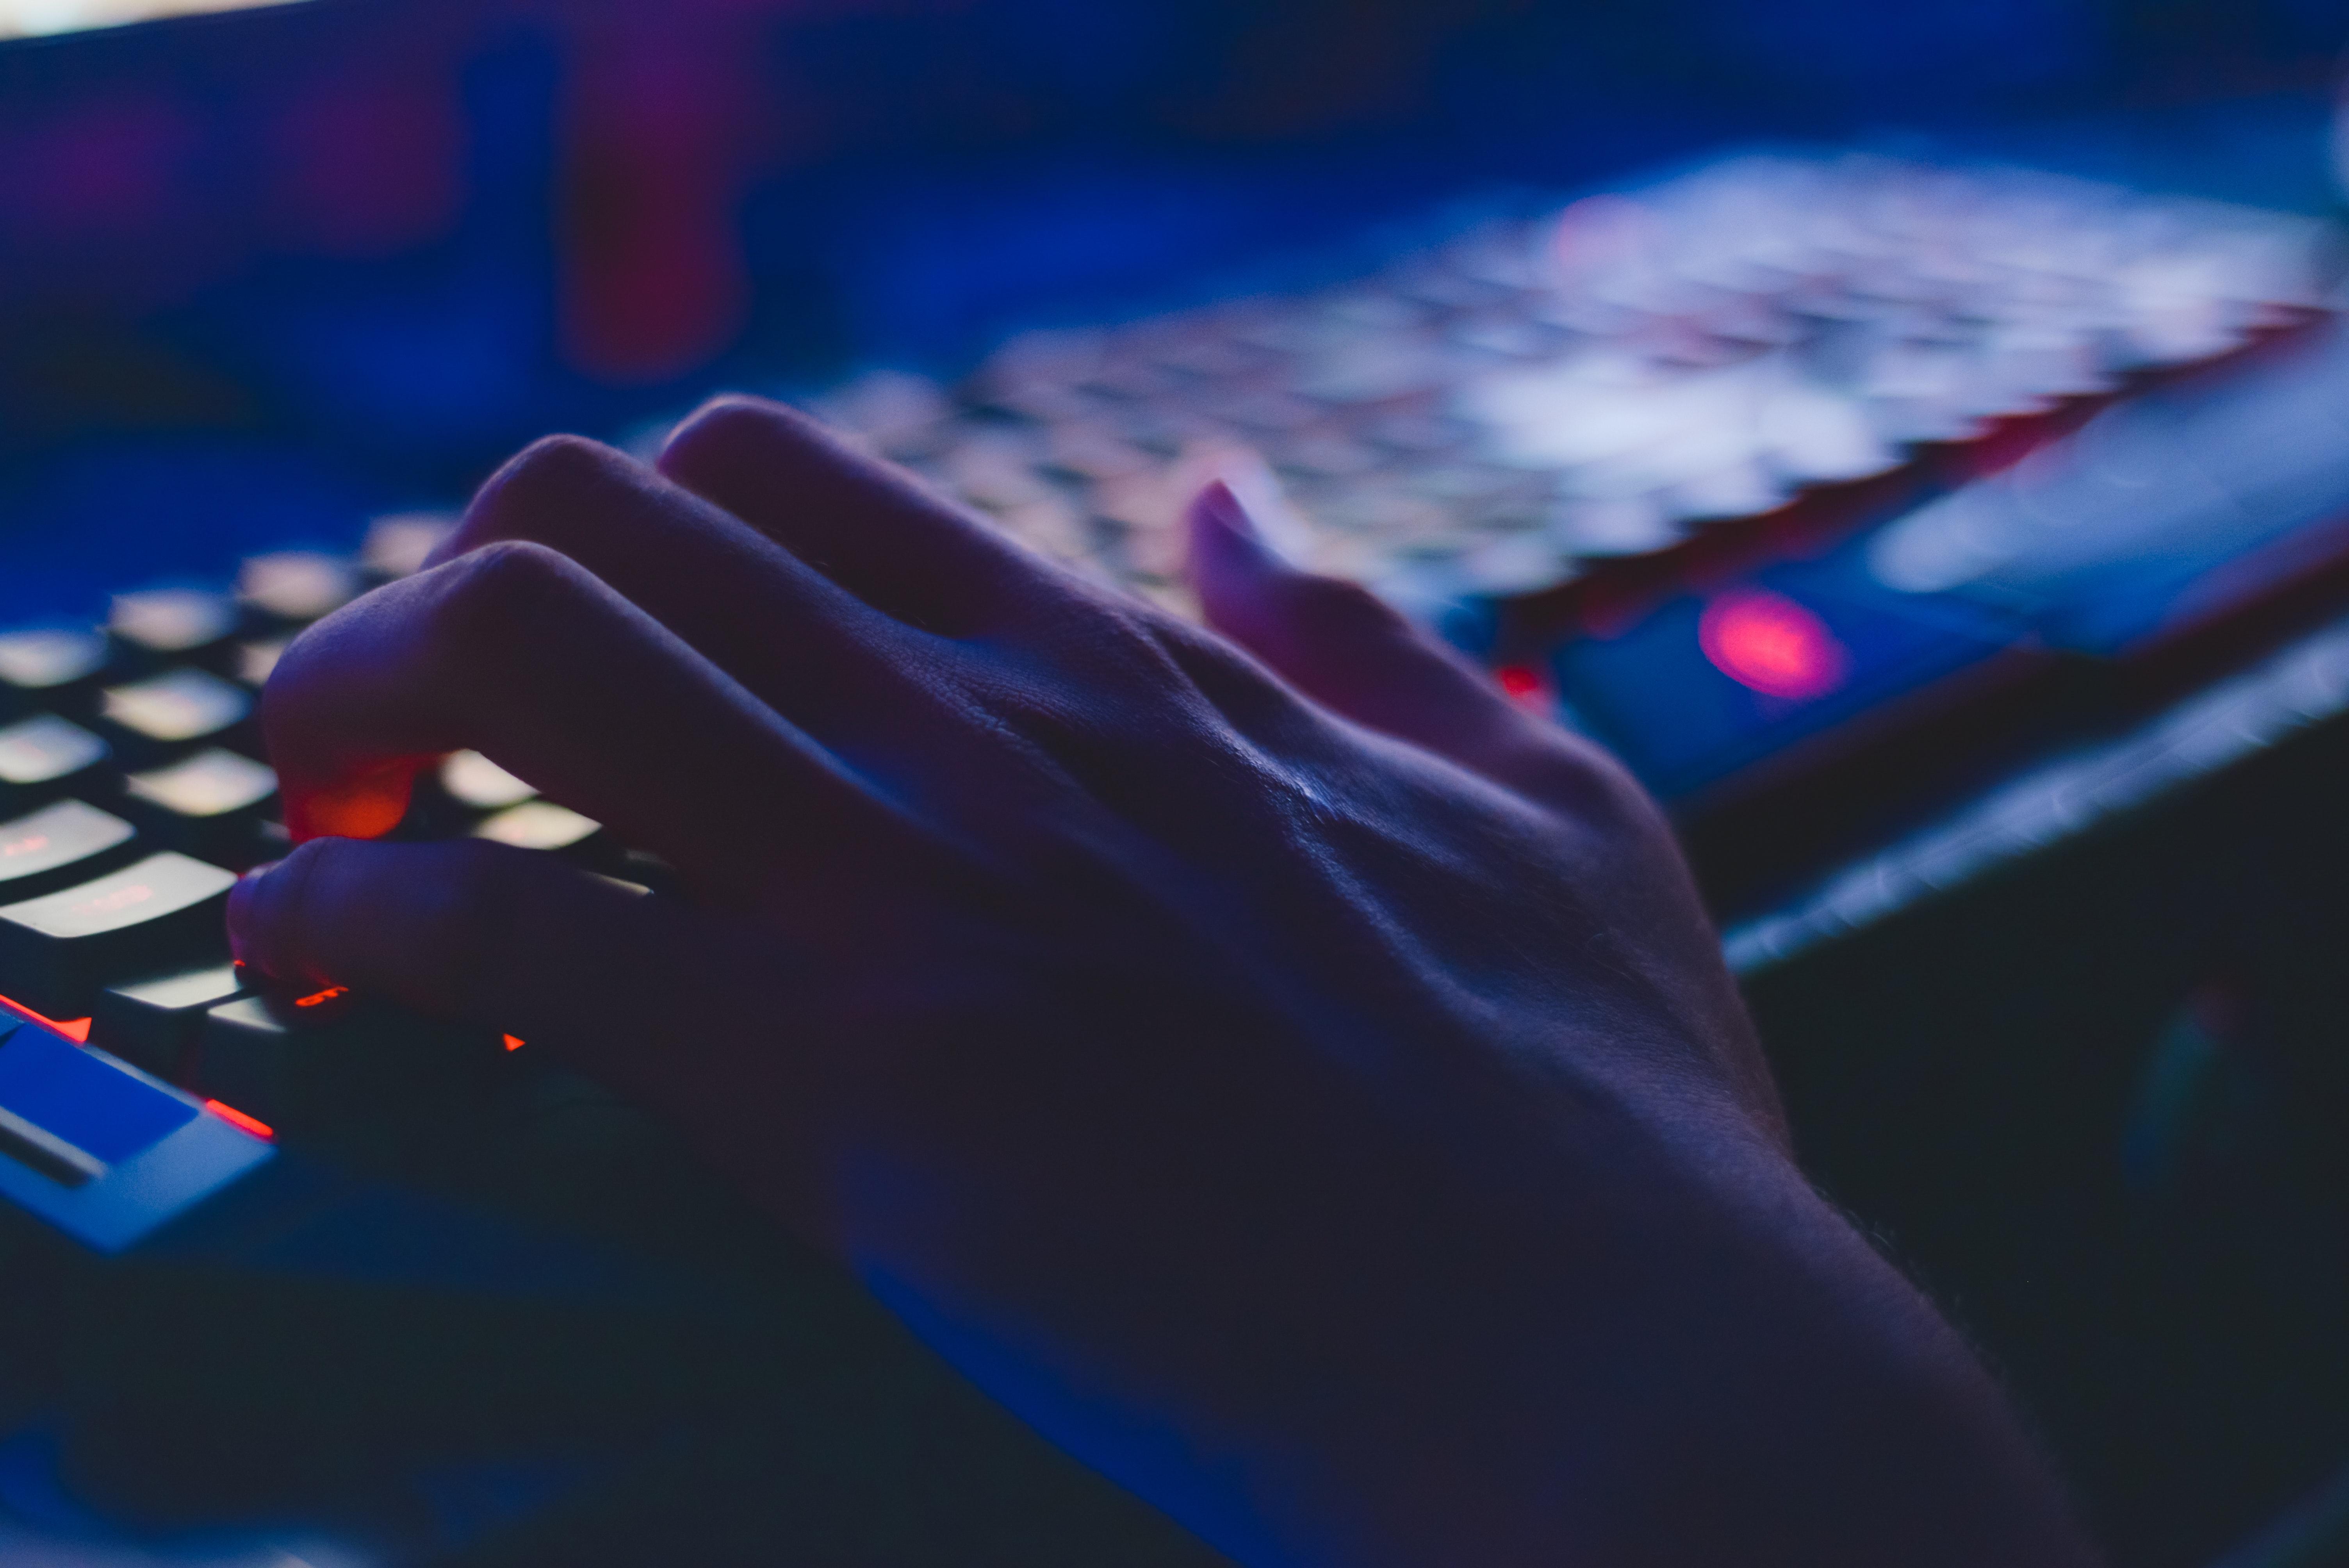 Le guide de bonnes pratiques en cybersécurité – Conseil n°1